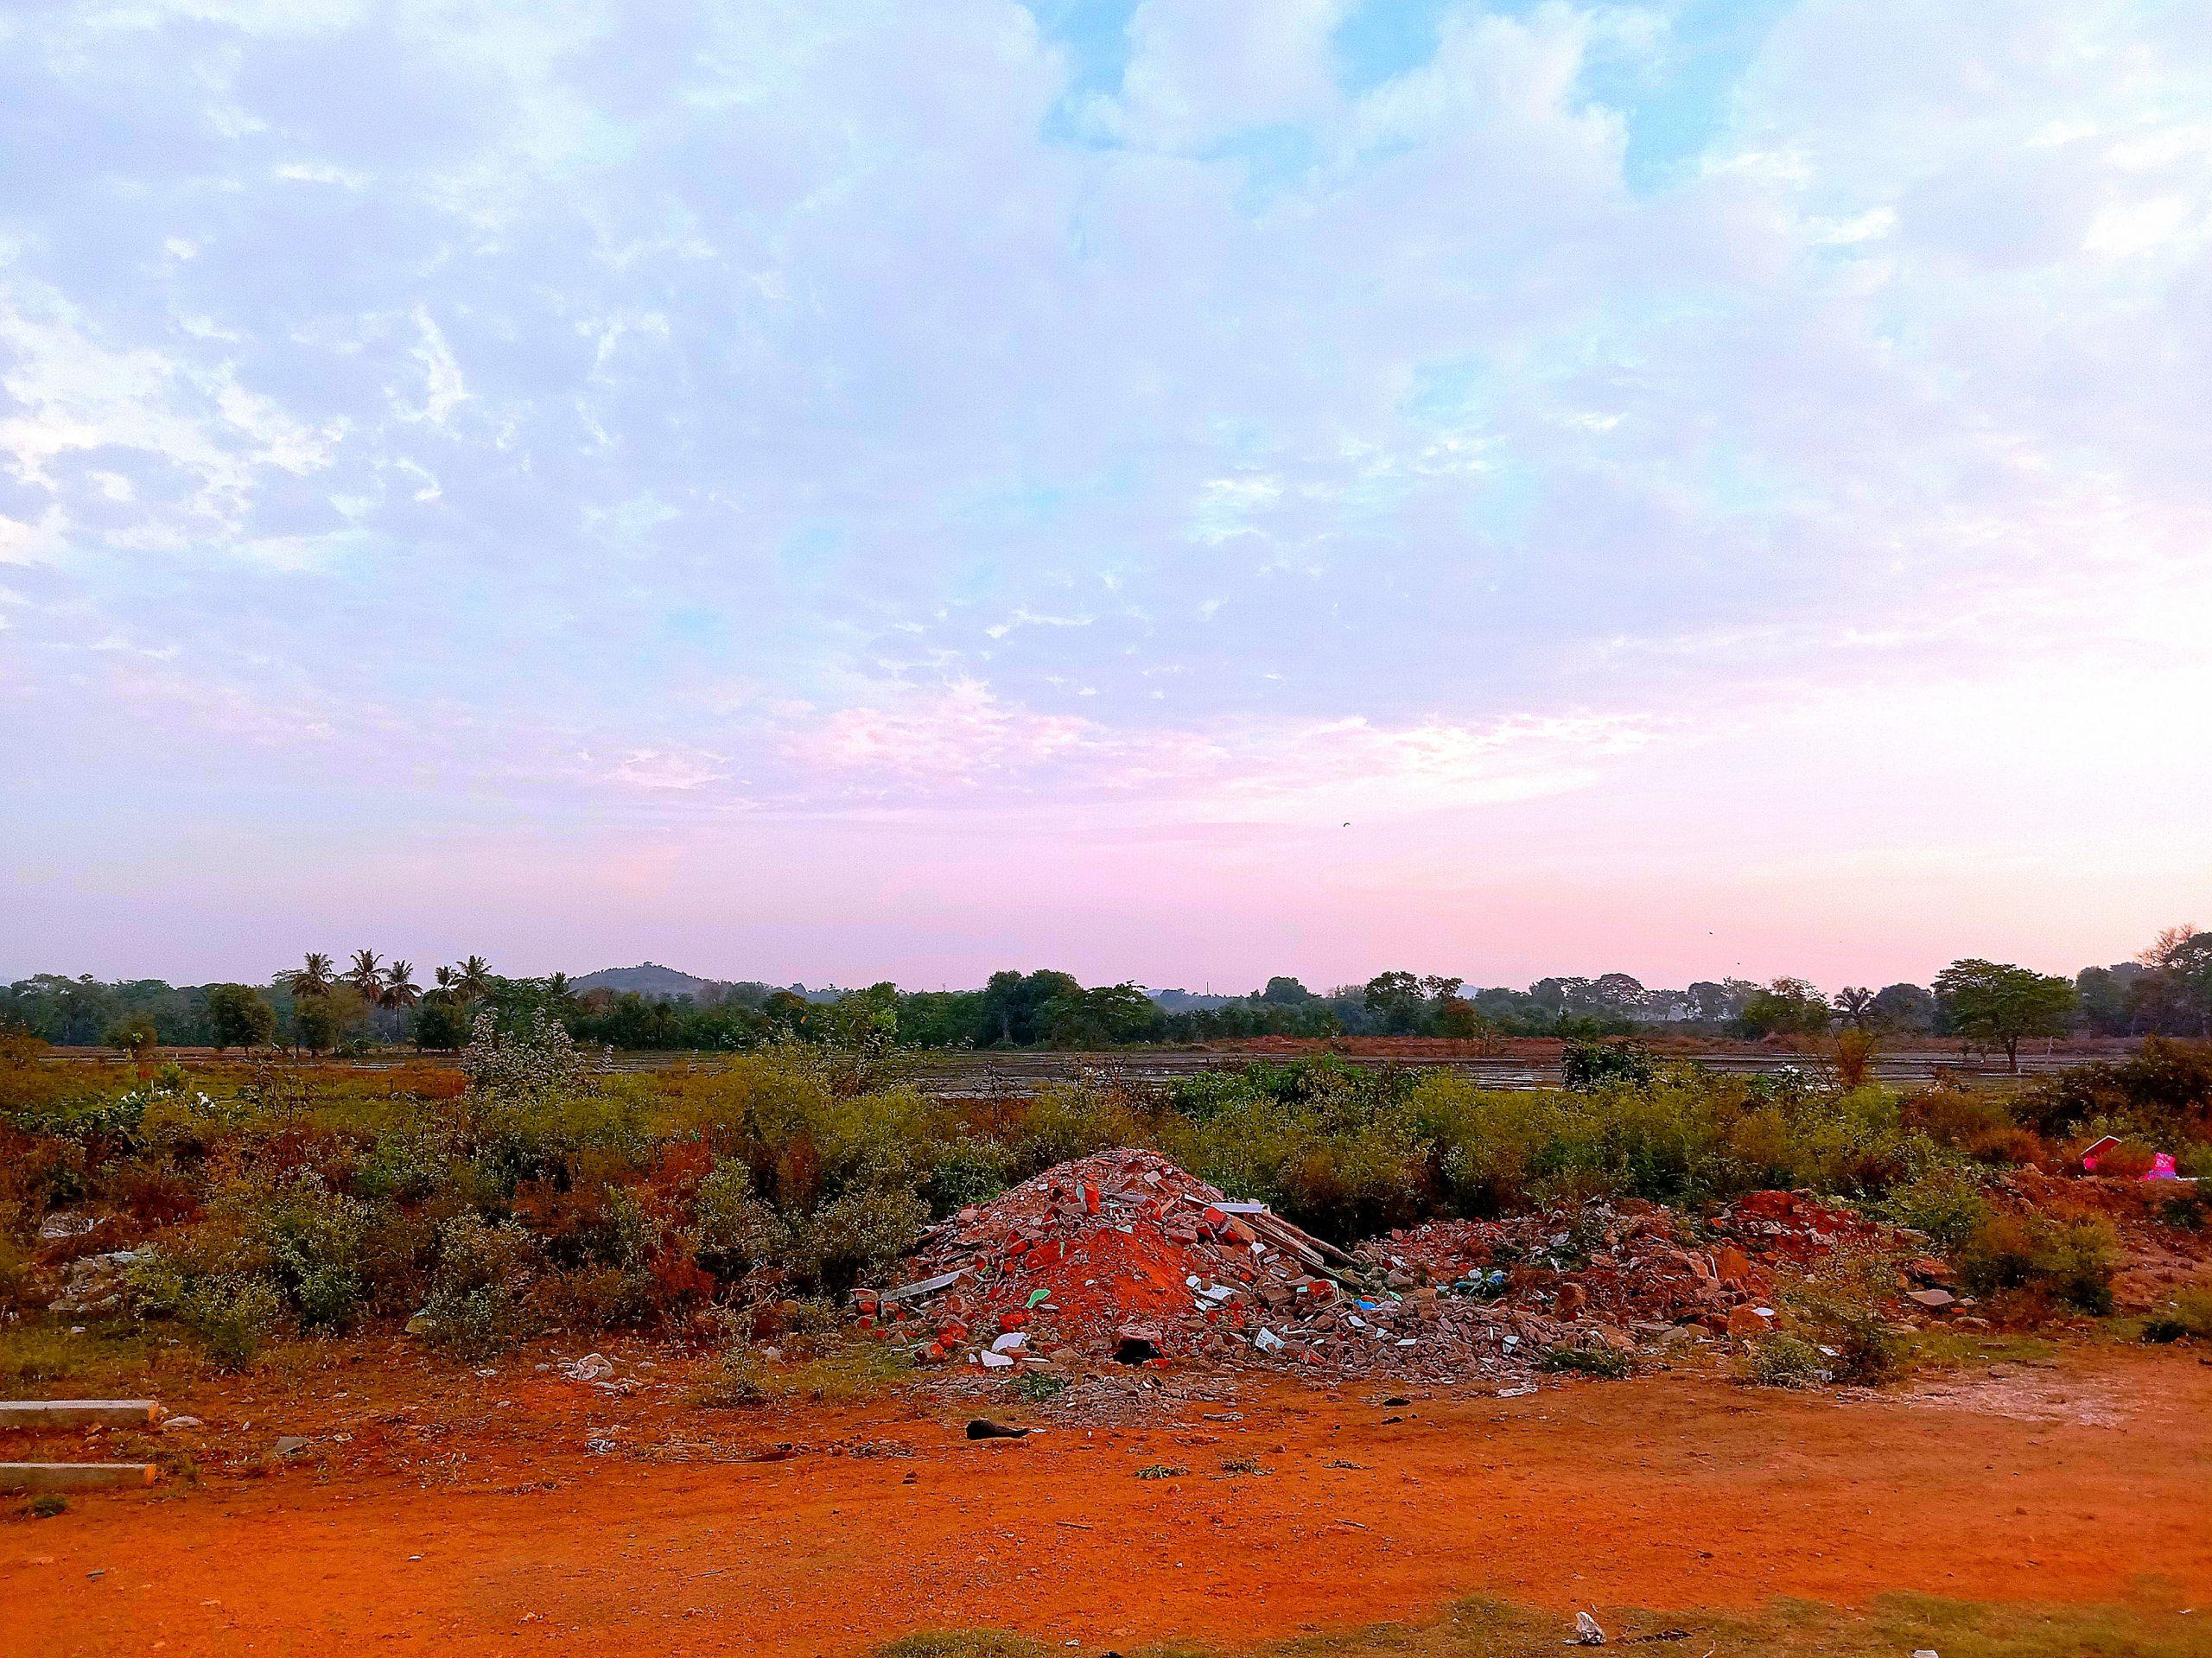 A land placea